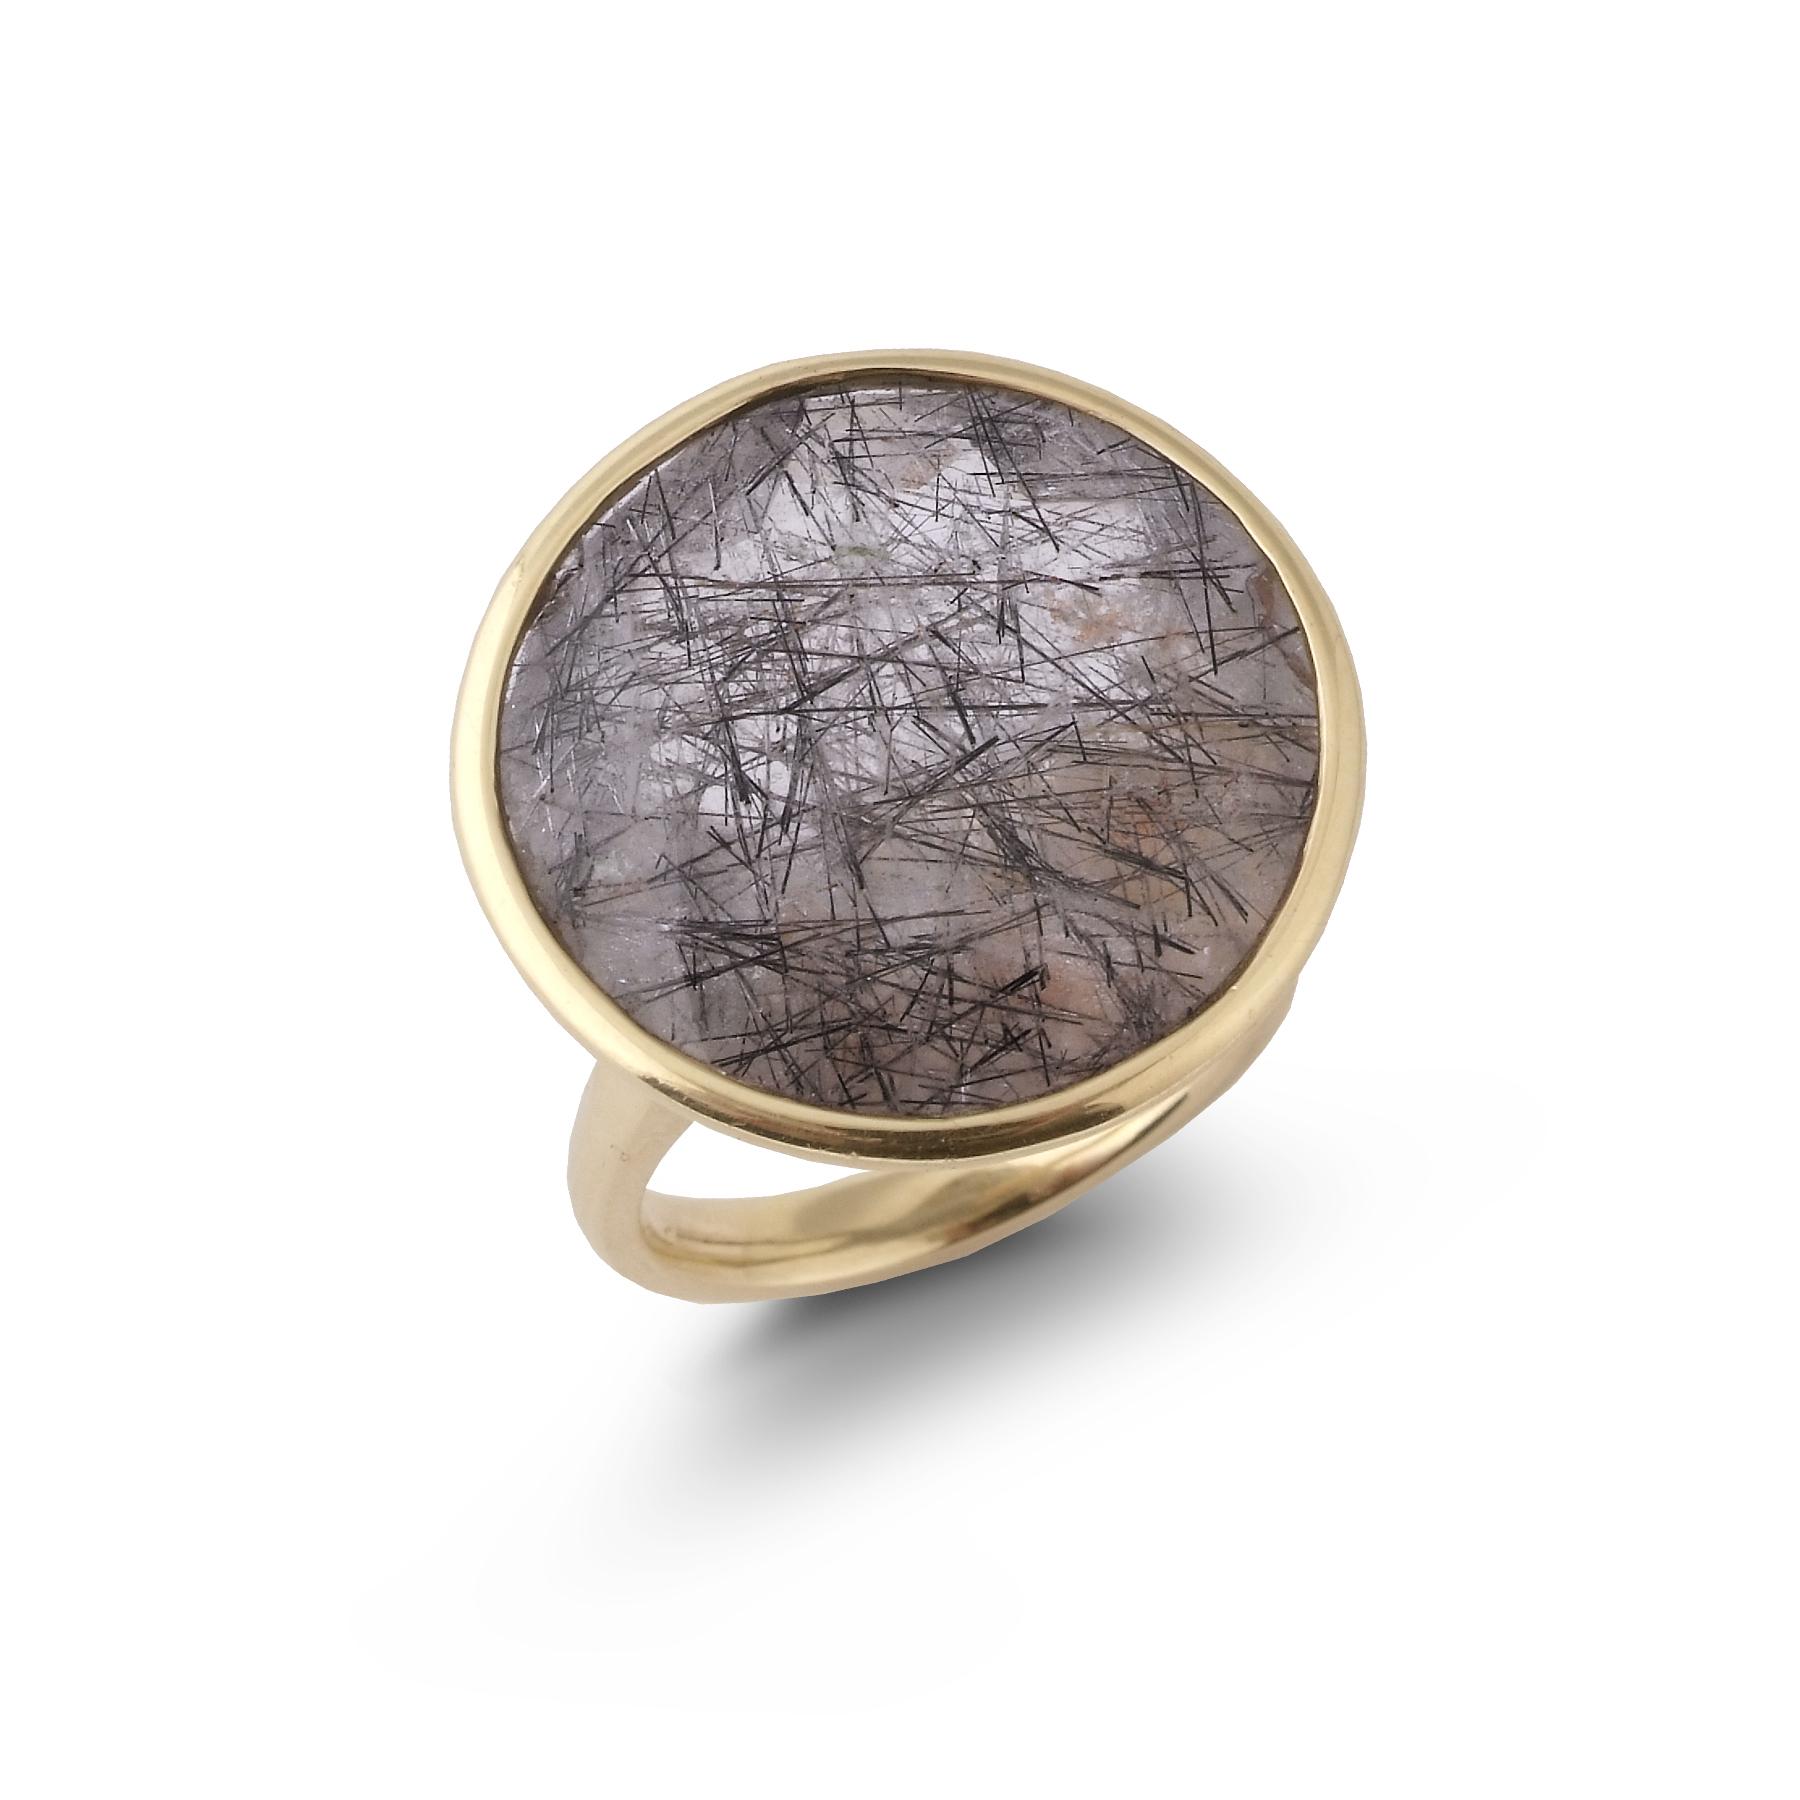 Sagenitic quartz satellite ring